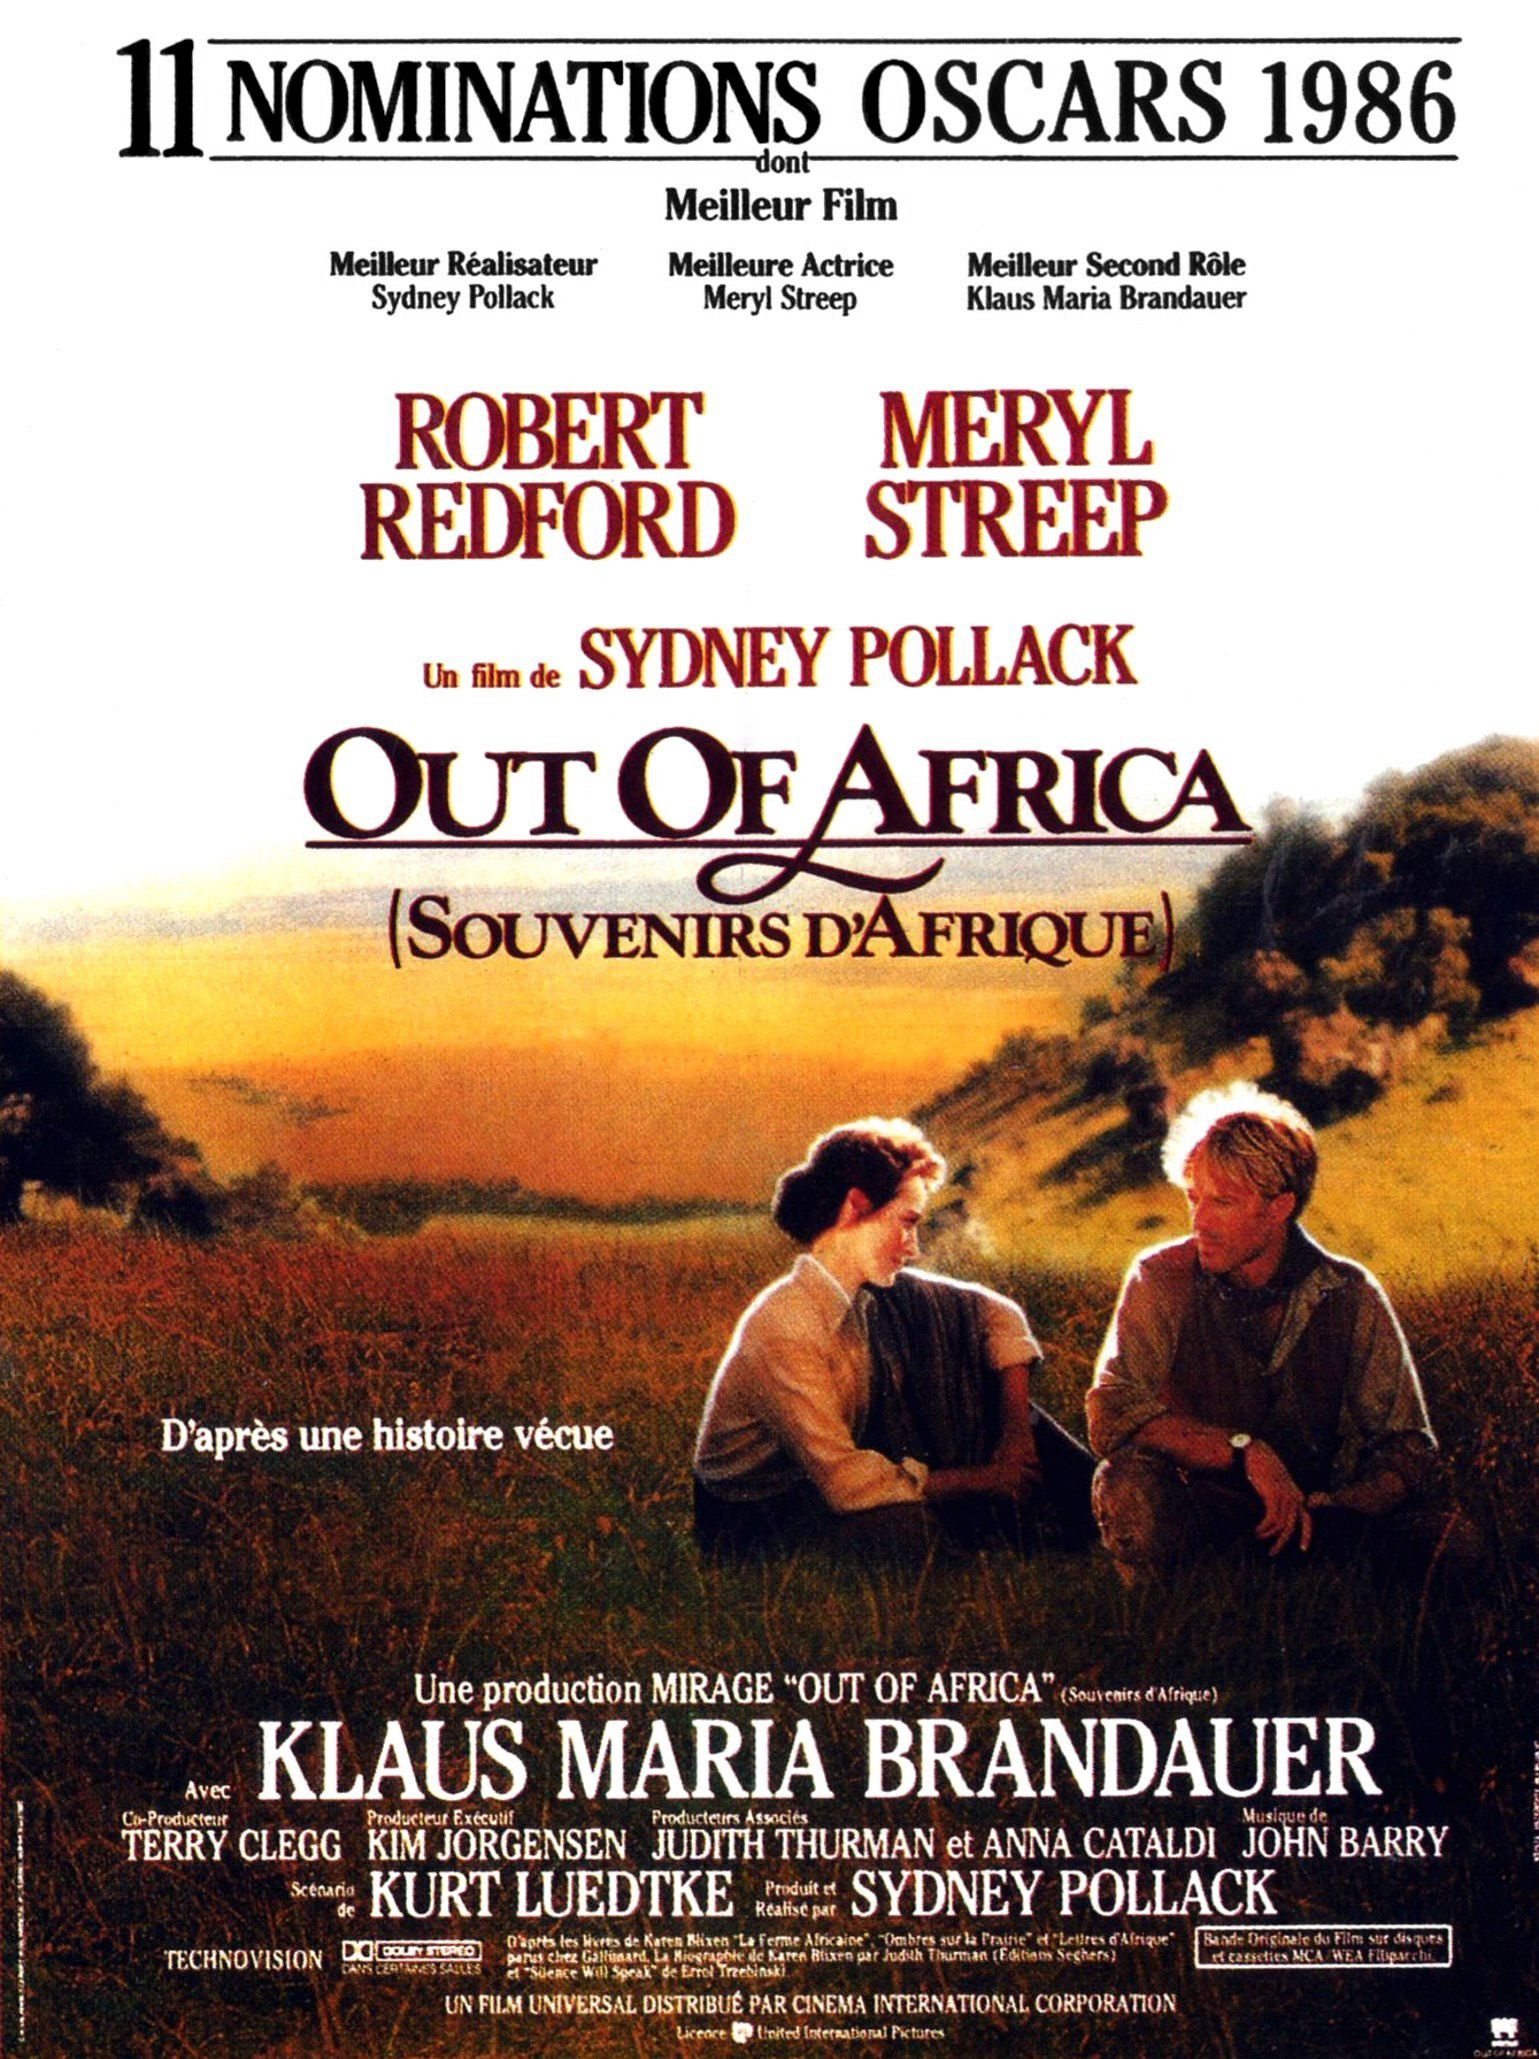 affiche du film Out of Africa : Souvenirs d'Afrique